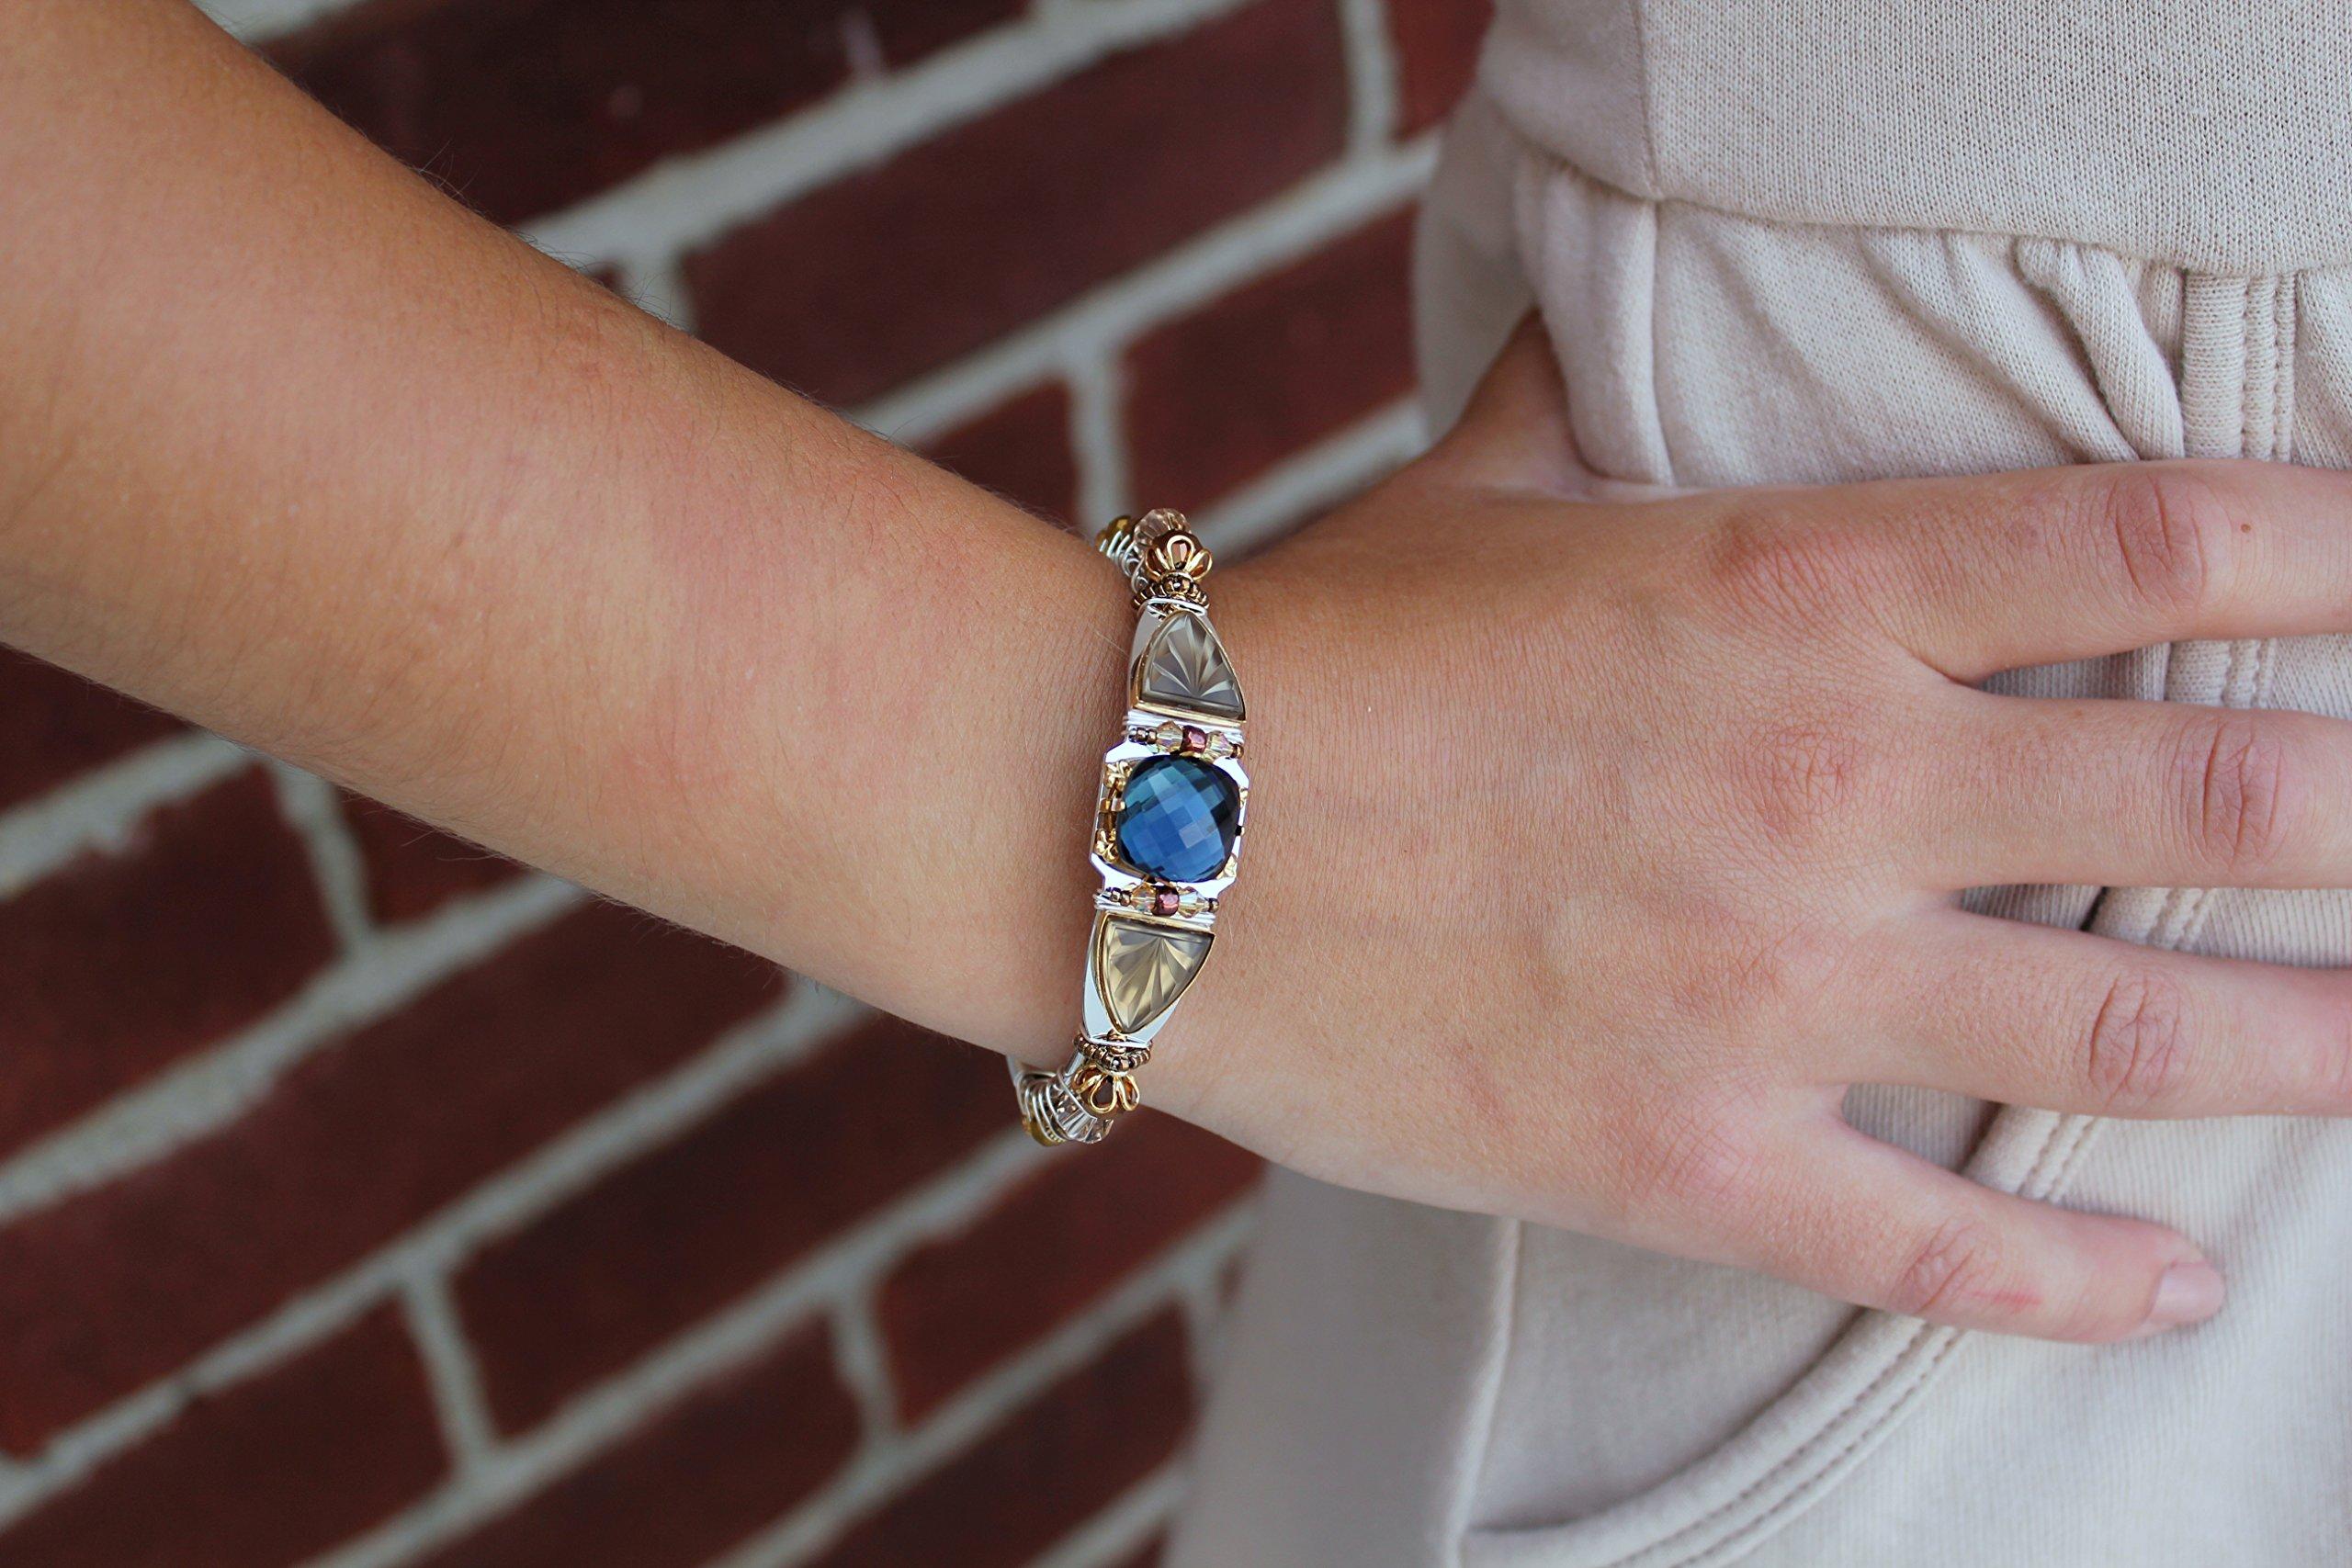 Liztech Athena Crystal Cuff Bangle Bracelet Adjustable Gold Silver Stone Open Cuff Bracelet (Navy)